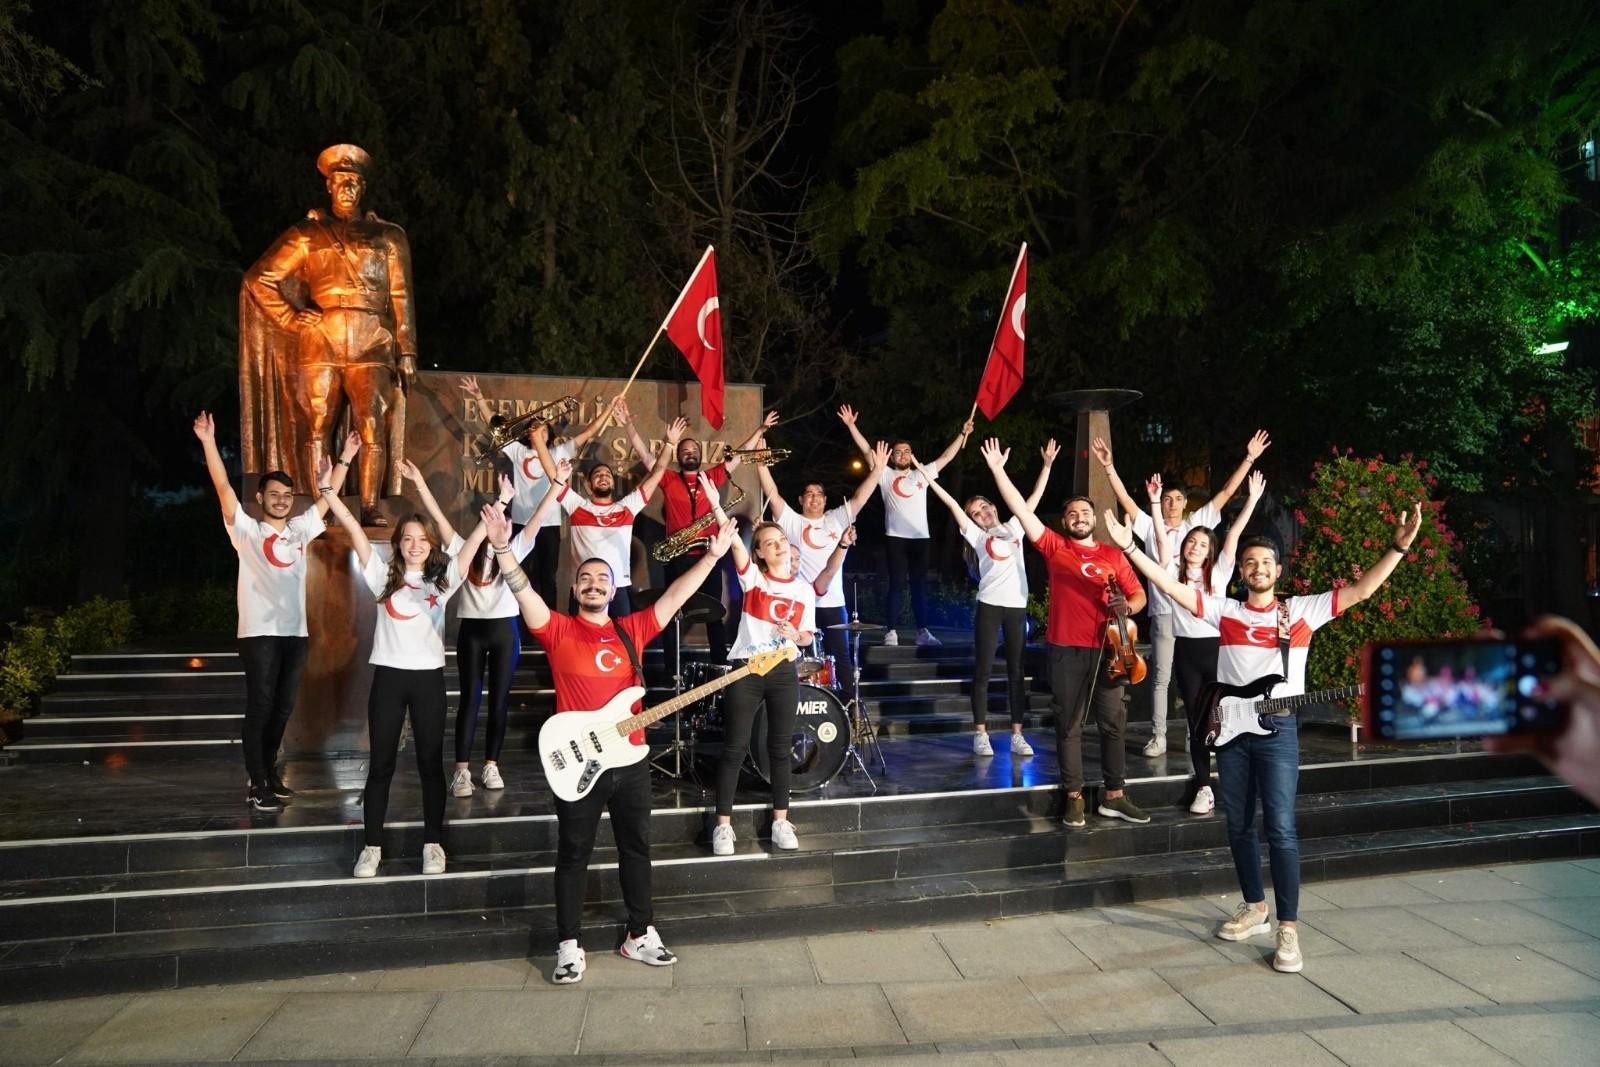 """Halk bandosundan 'bizim çocuklar'a marşlı klipli destek: """"Bizim Çocuklar"""""""